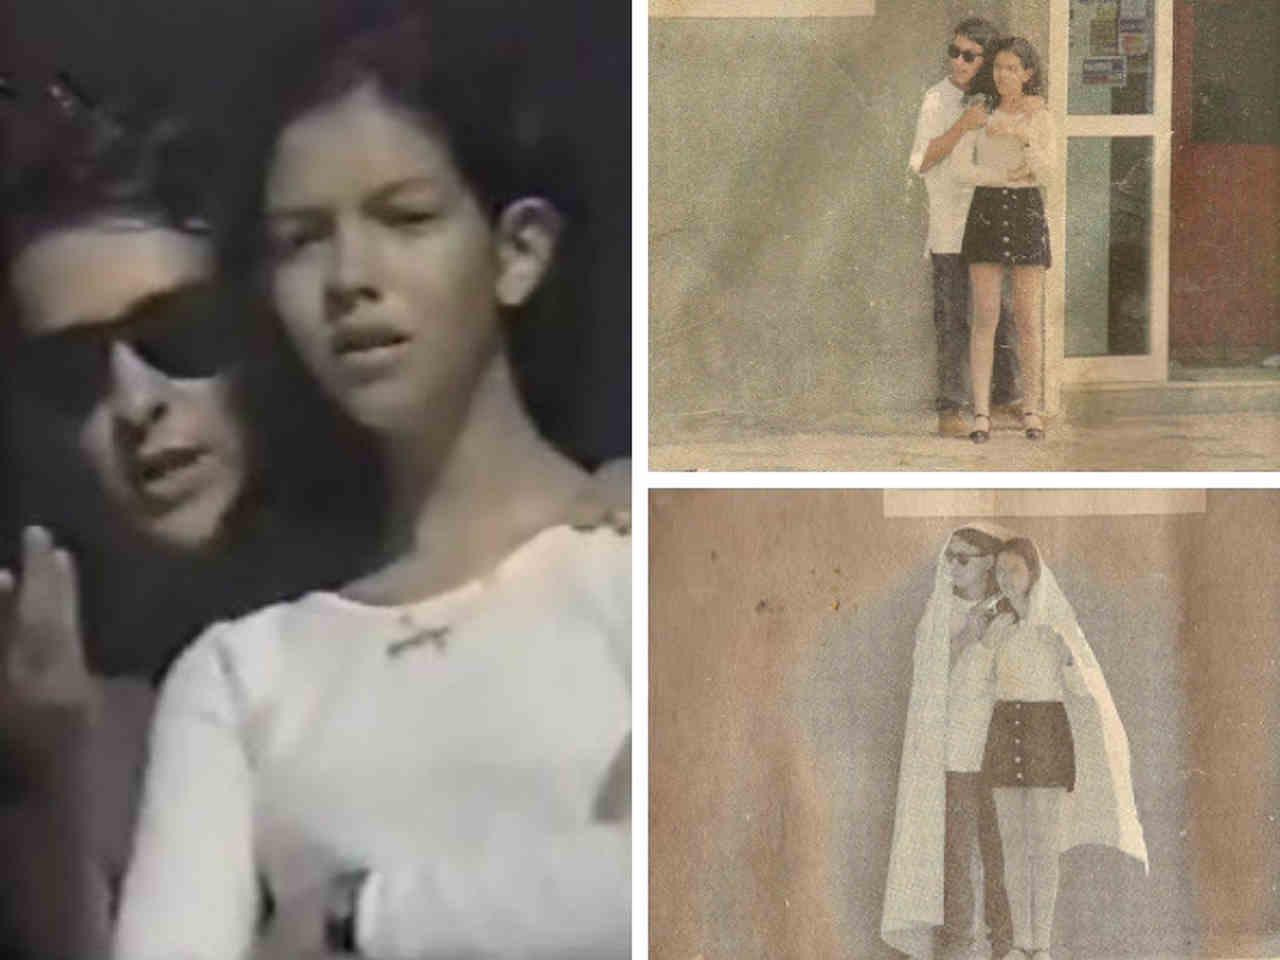 Fotos da época registraram sequestro da sobrinha de Antônio Carlos Magalhães (ACM) por Leonardo Pareja | Fotos: Arquivo do jornalista Adilson Simas